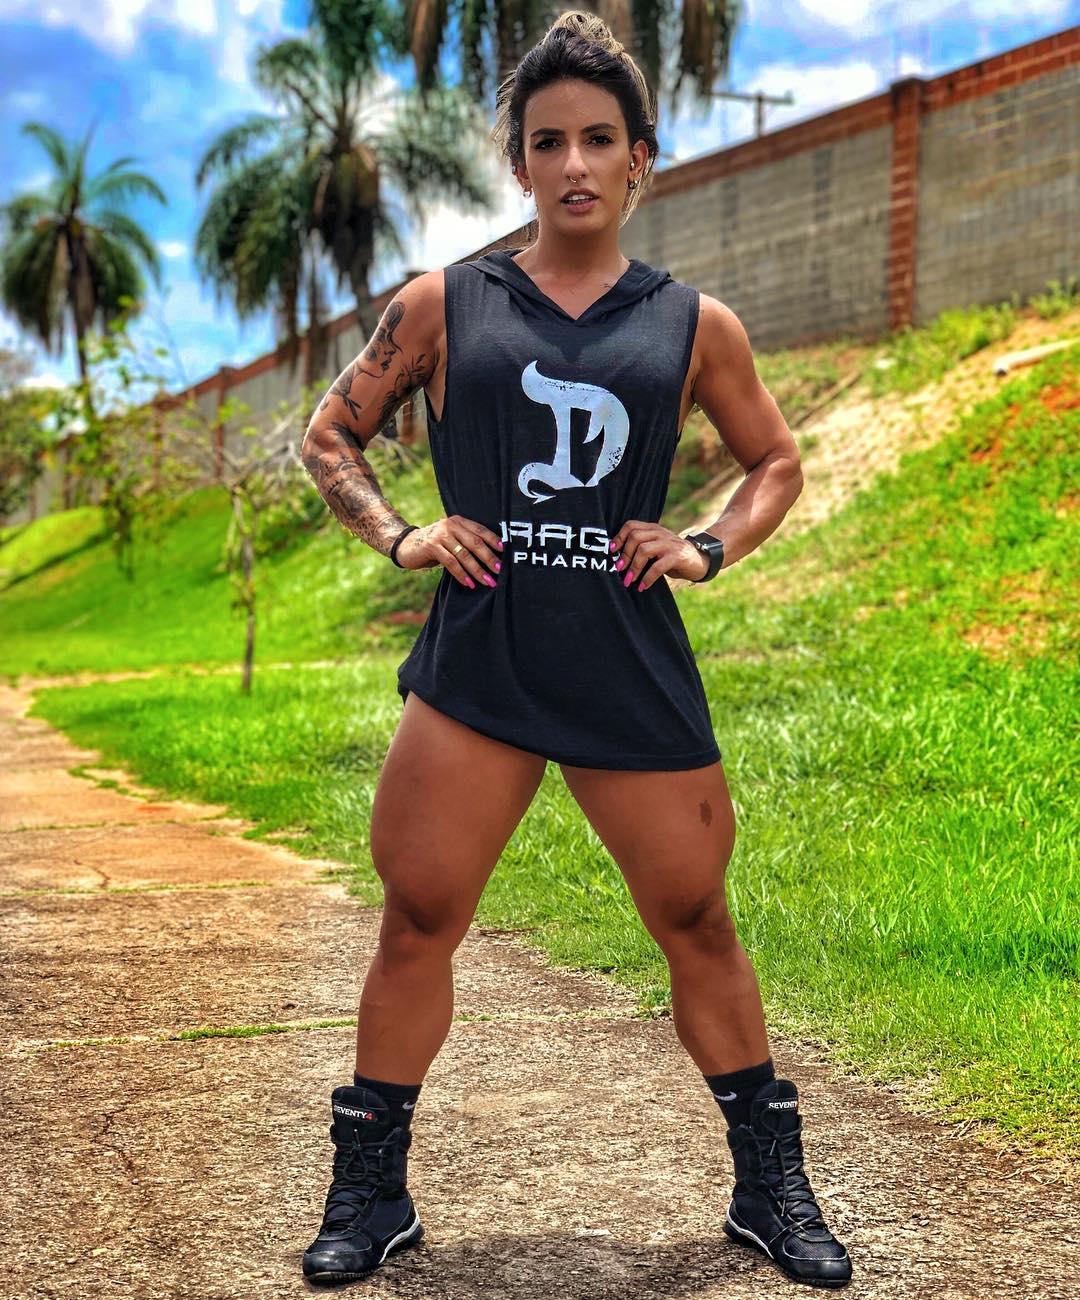 热爱健身的巴西姑娘,拥有完美臀腿线条,称只要健身可以随便吃